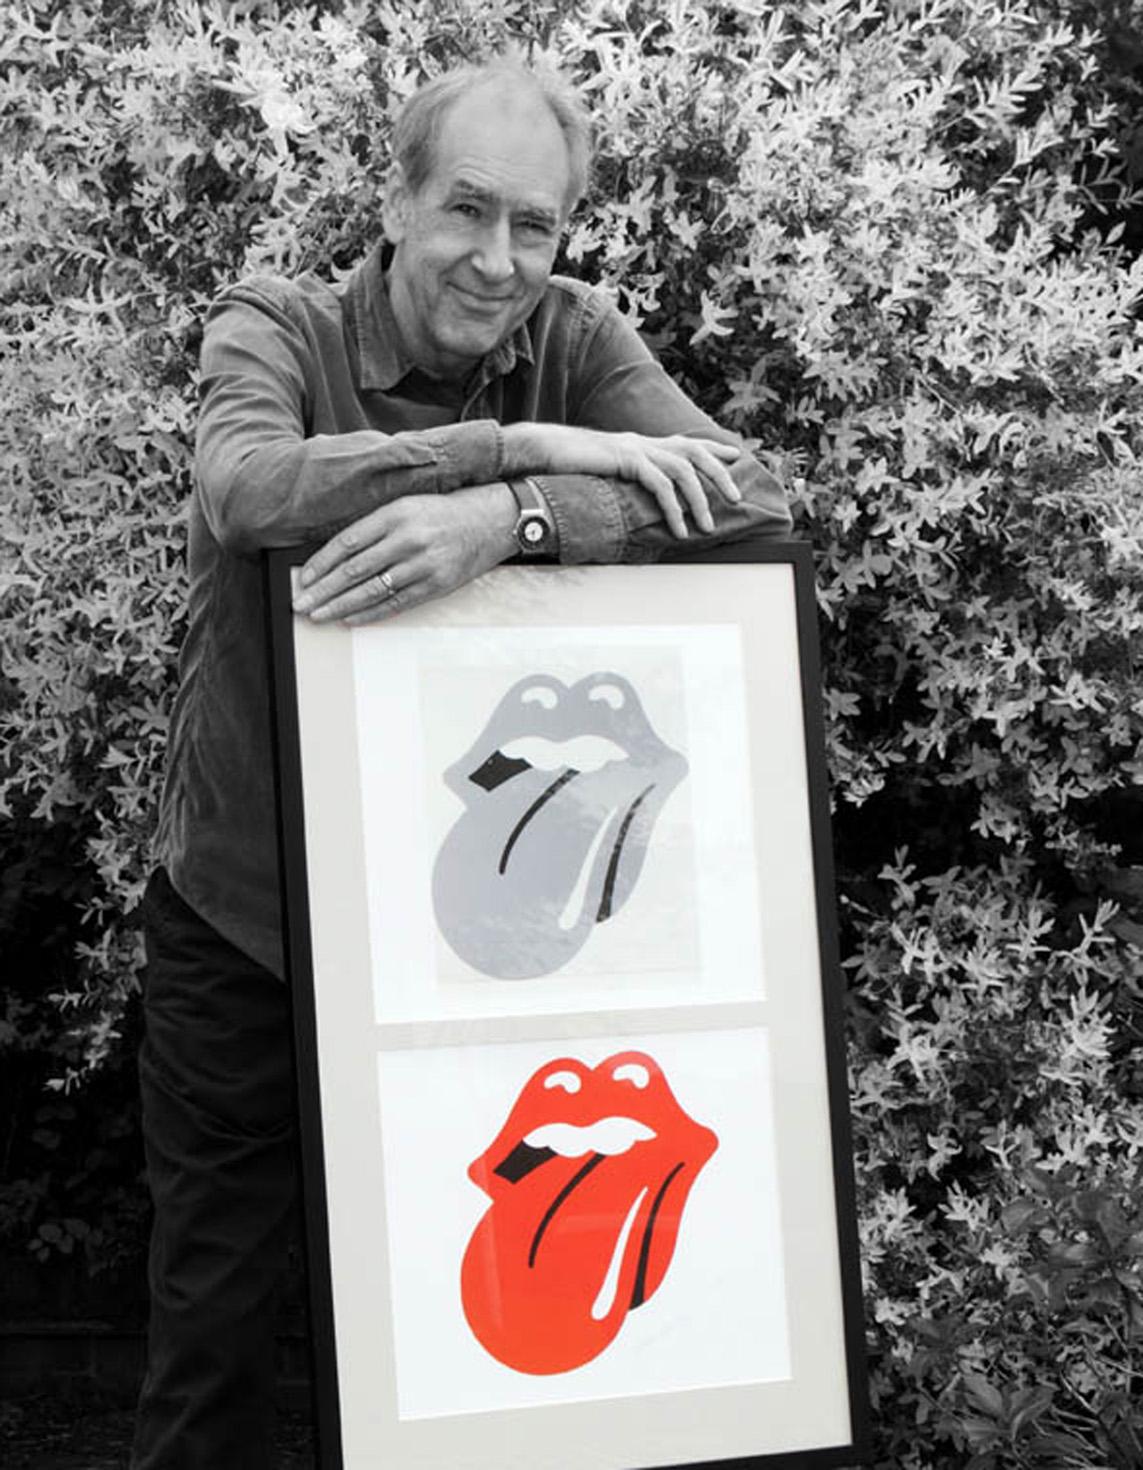 JOHN PASCHE!  Συνέντευξη με τον σχεδιαστής του logo,Των Rolling Stones…